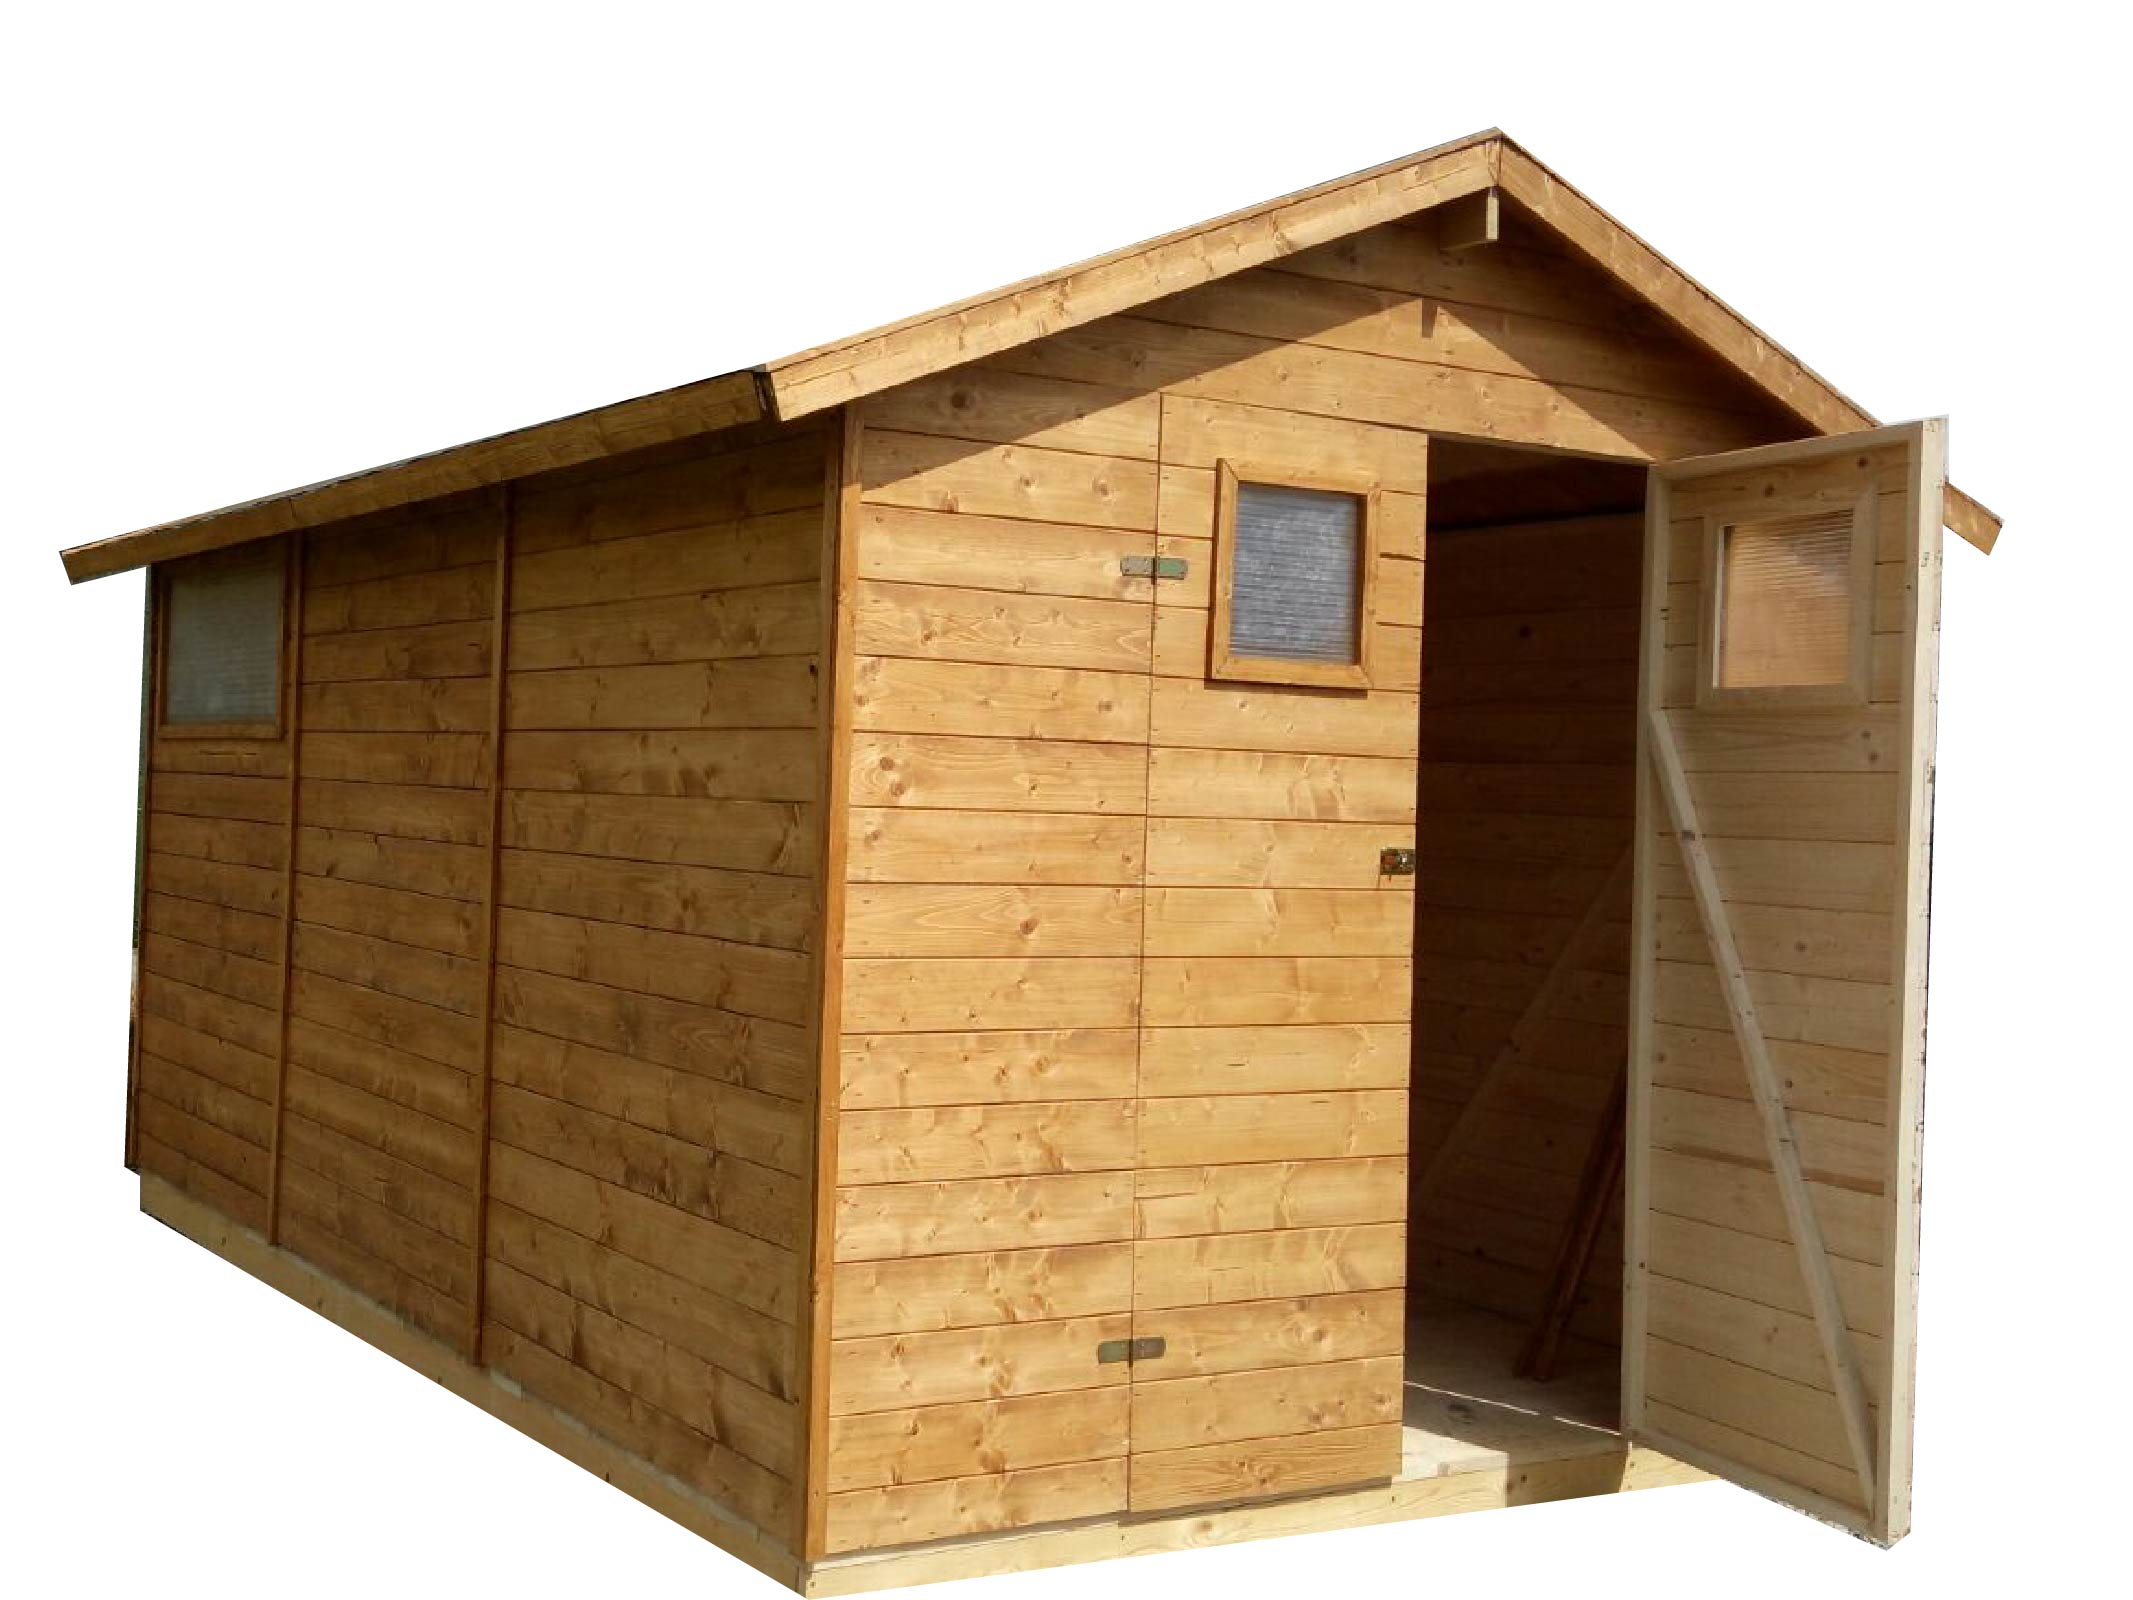 Zahradní dřevěný domek 2,7x3,9m, (16mm) s okny, SEVILLA, na nářadí